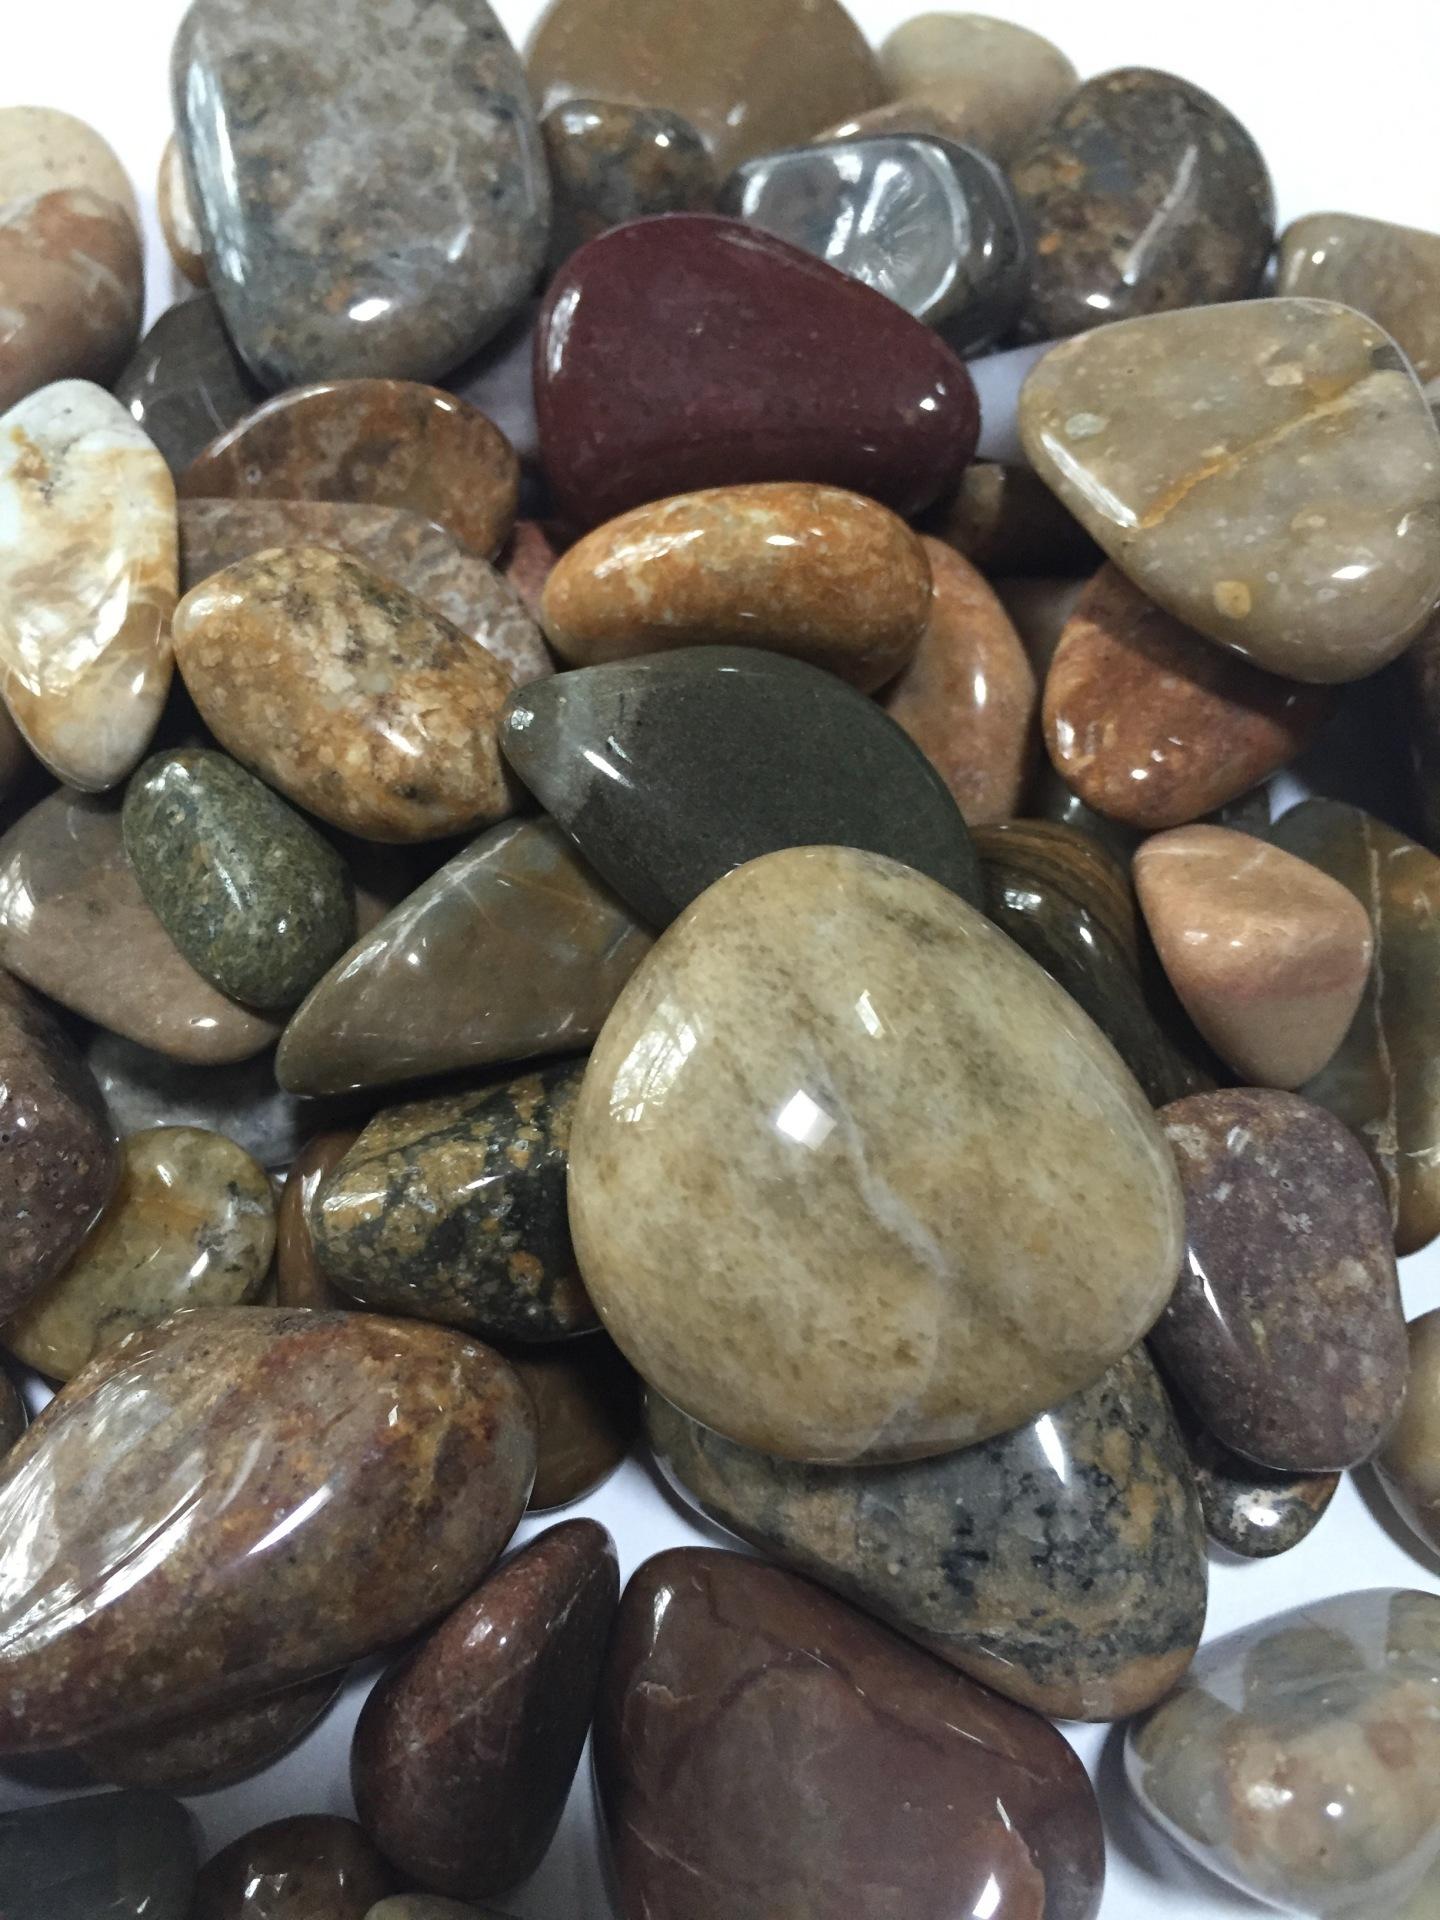 Rocks - Nice Story